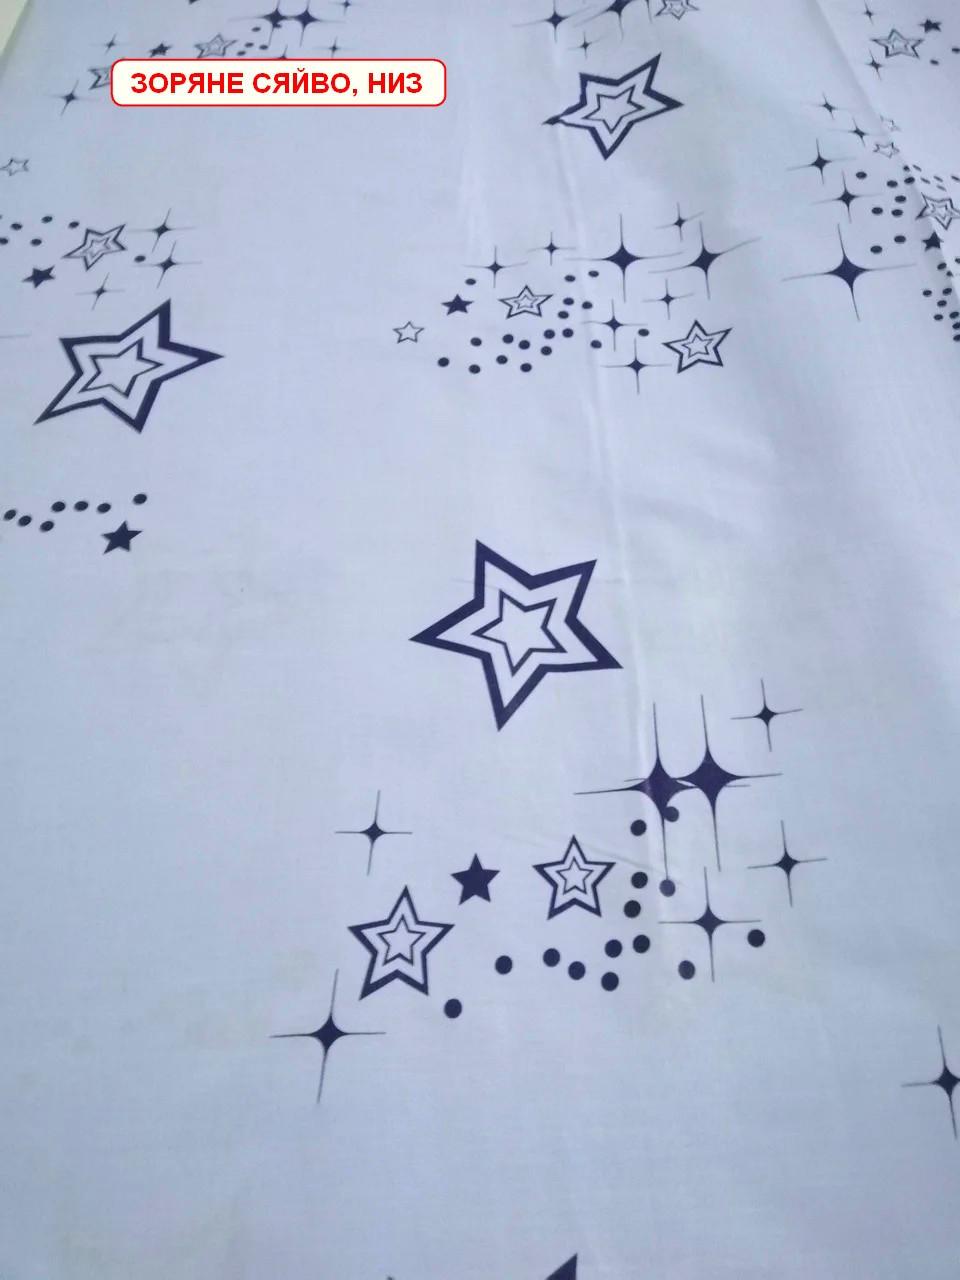 Двоспальнепростирадлона резинці - Зоряне сяйво, низ